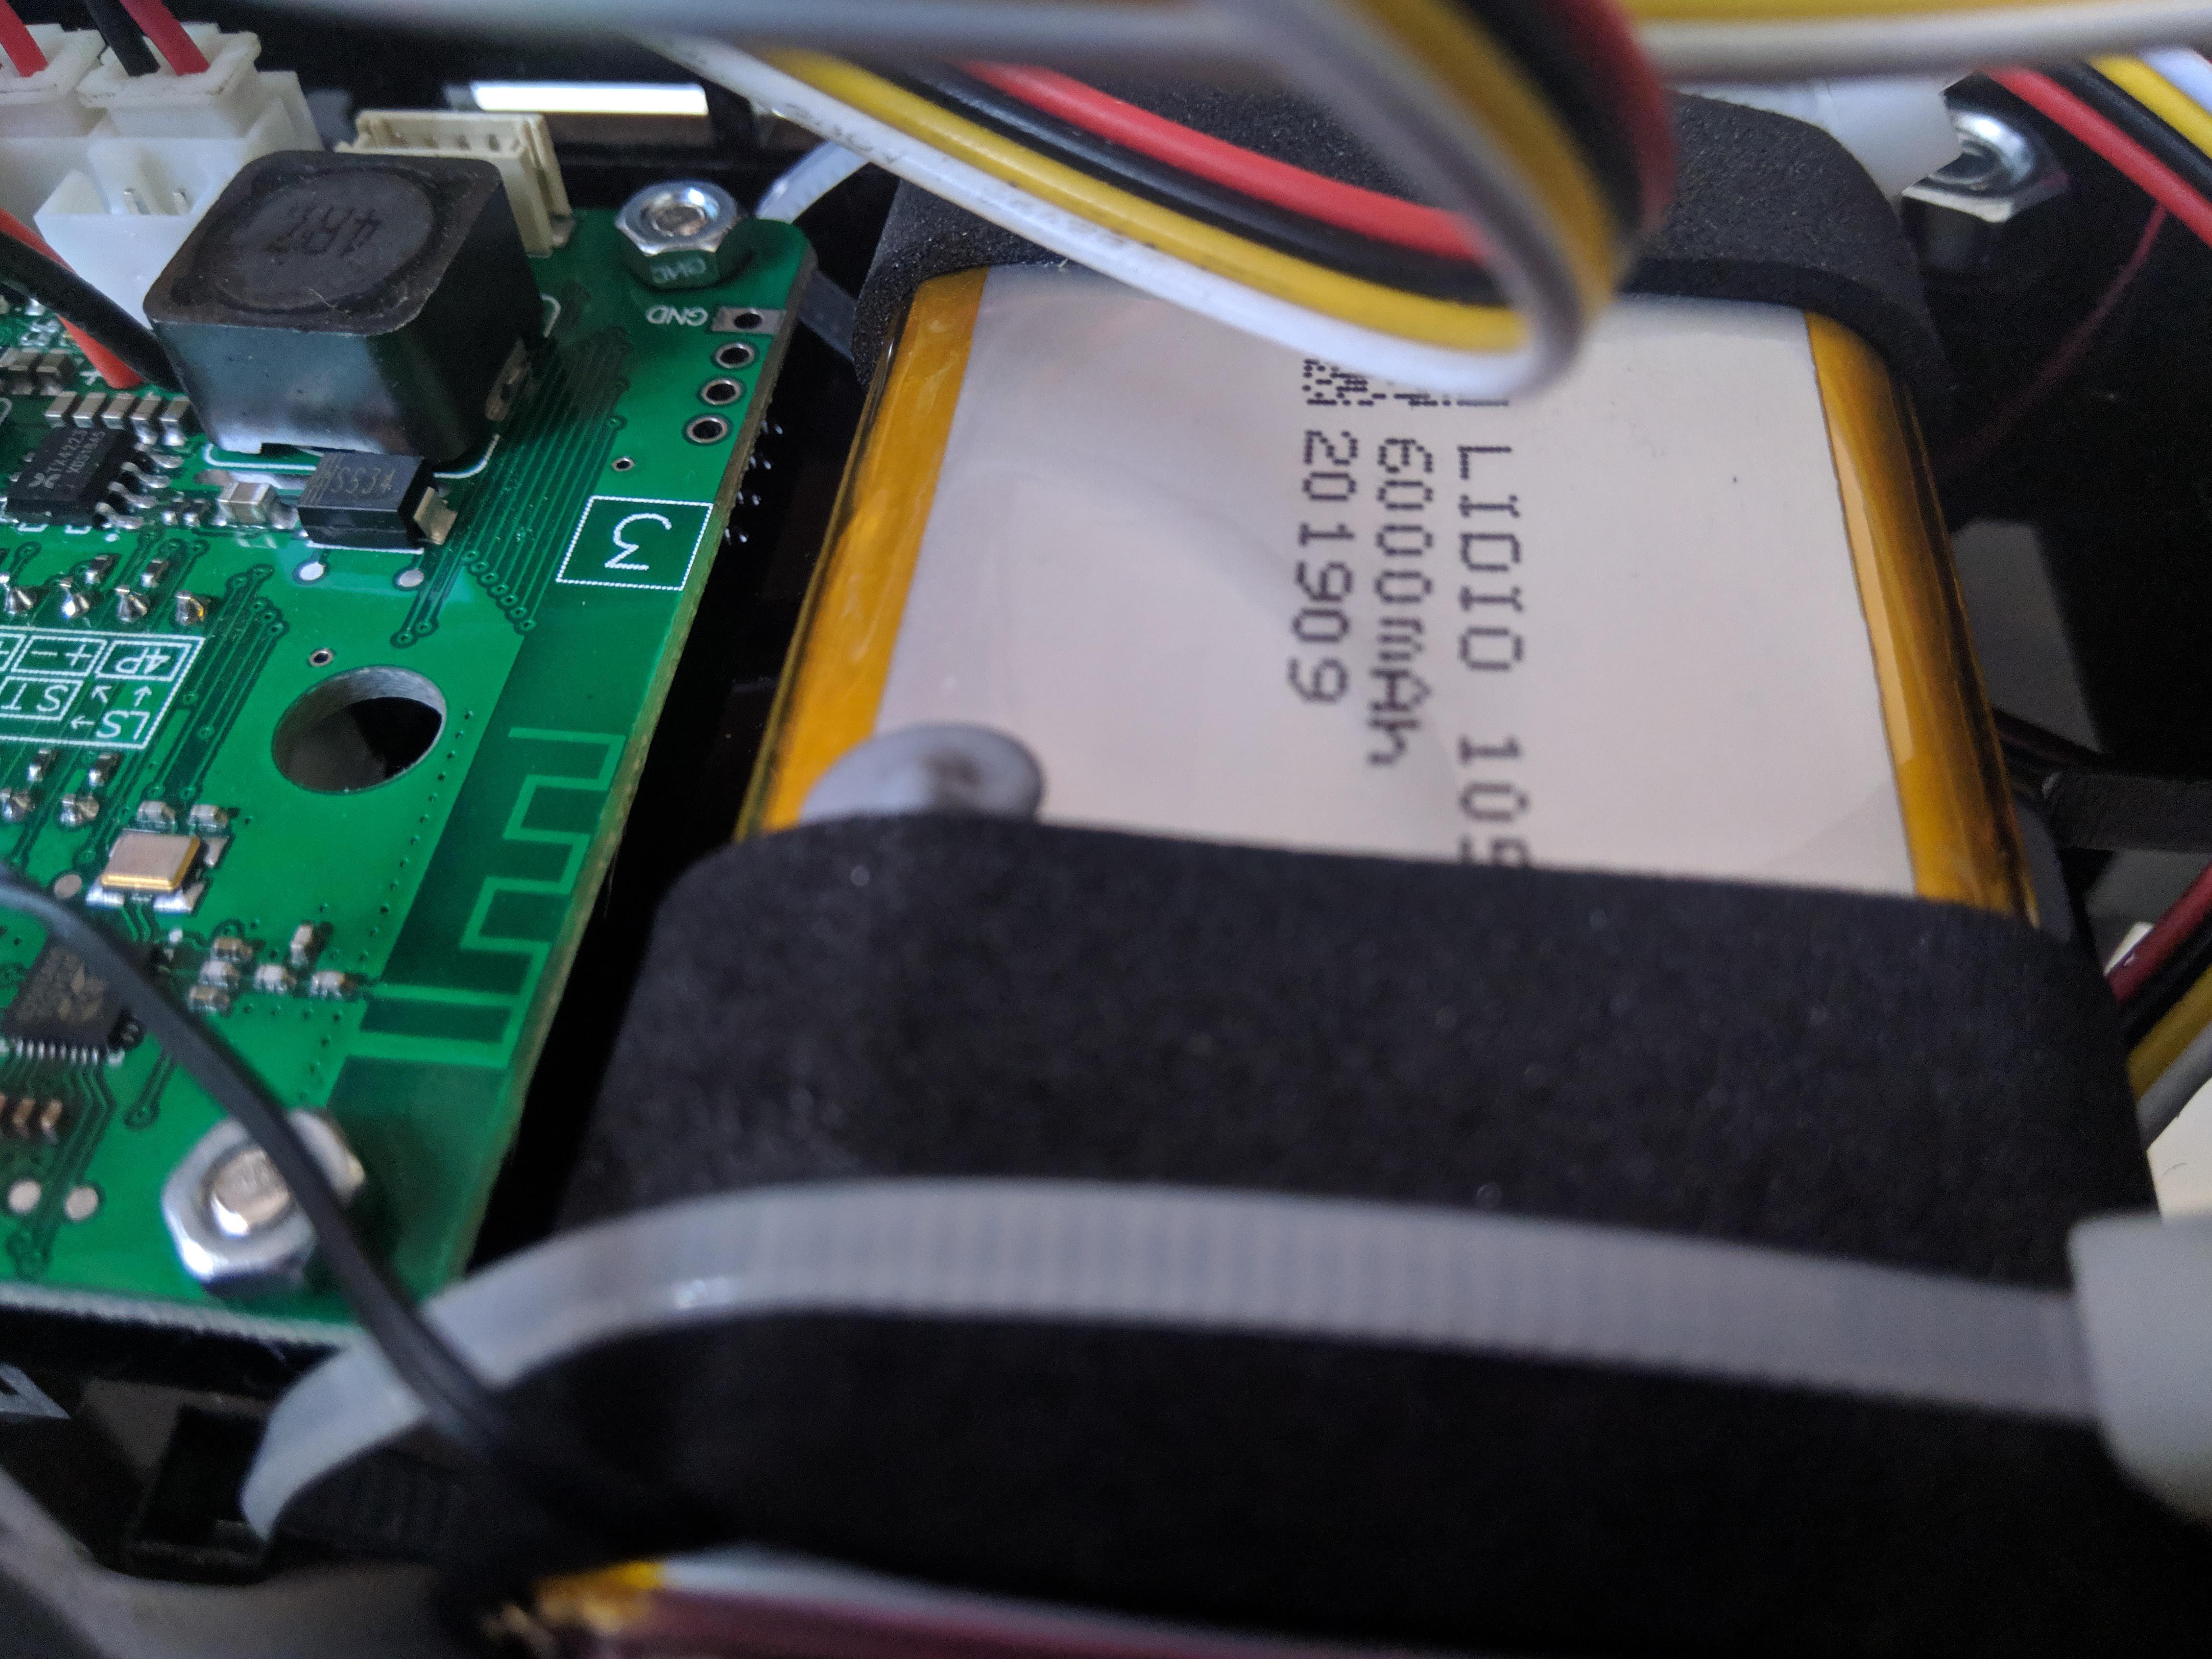 NEJE DK-BL 1500 Circuit board